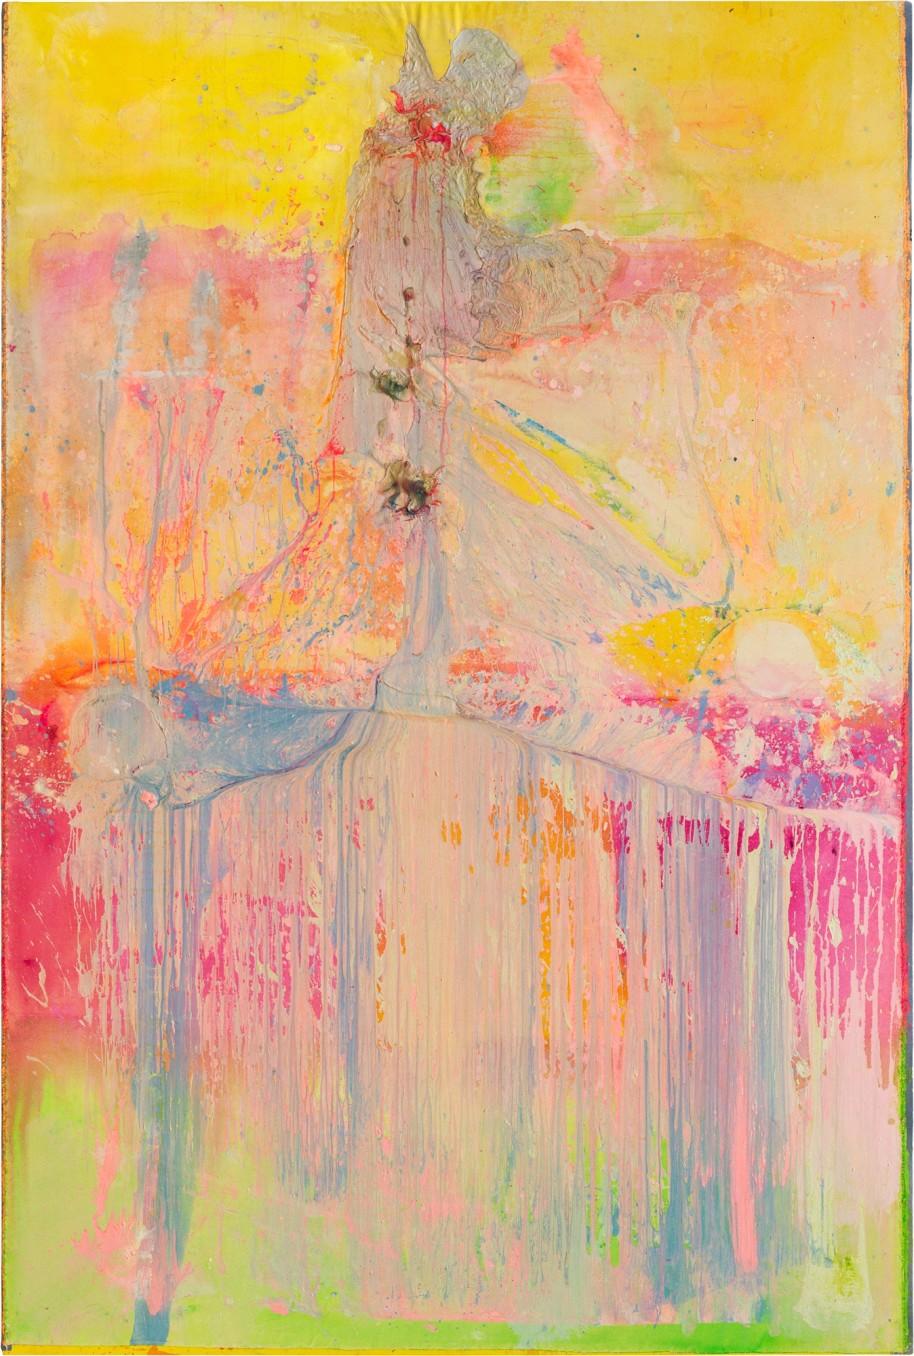 Frank Bowling, Shadowbalding, 2014, acrylic on canvas, 277.5 x 186.6 cm, 109 1/4 x 73 1/2 in